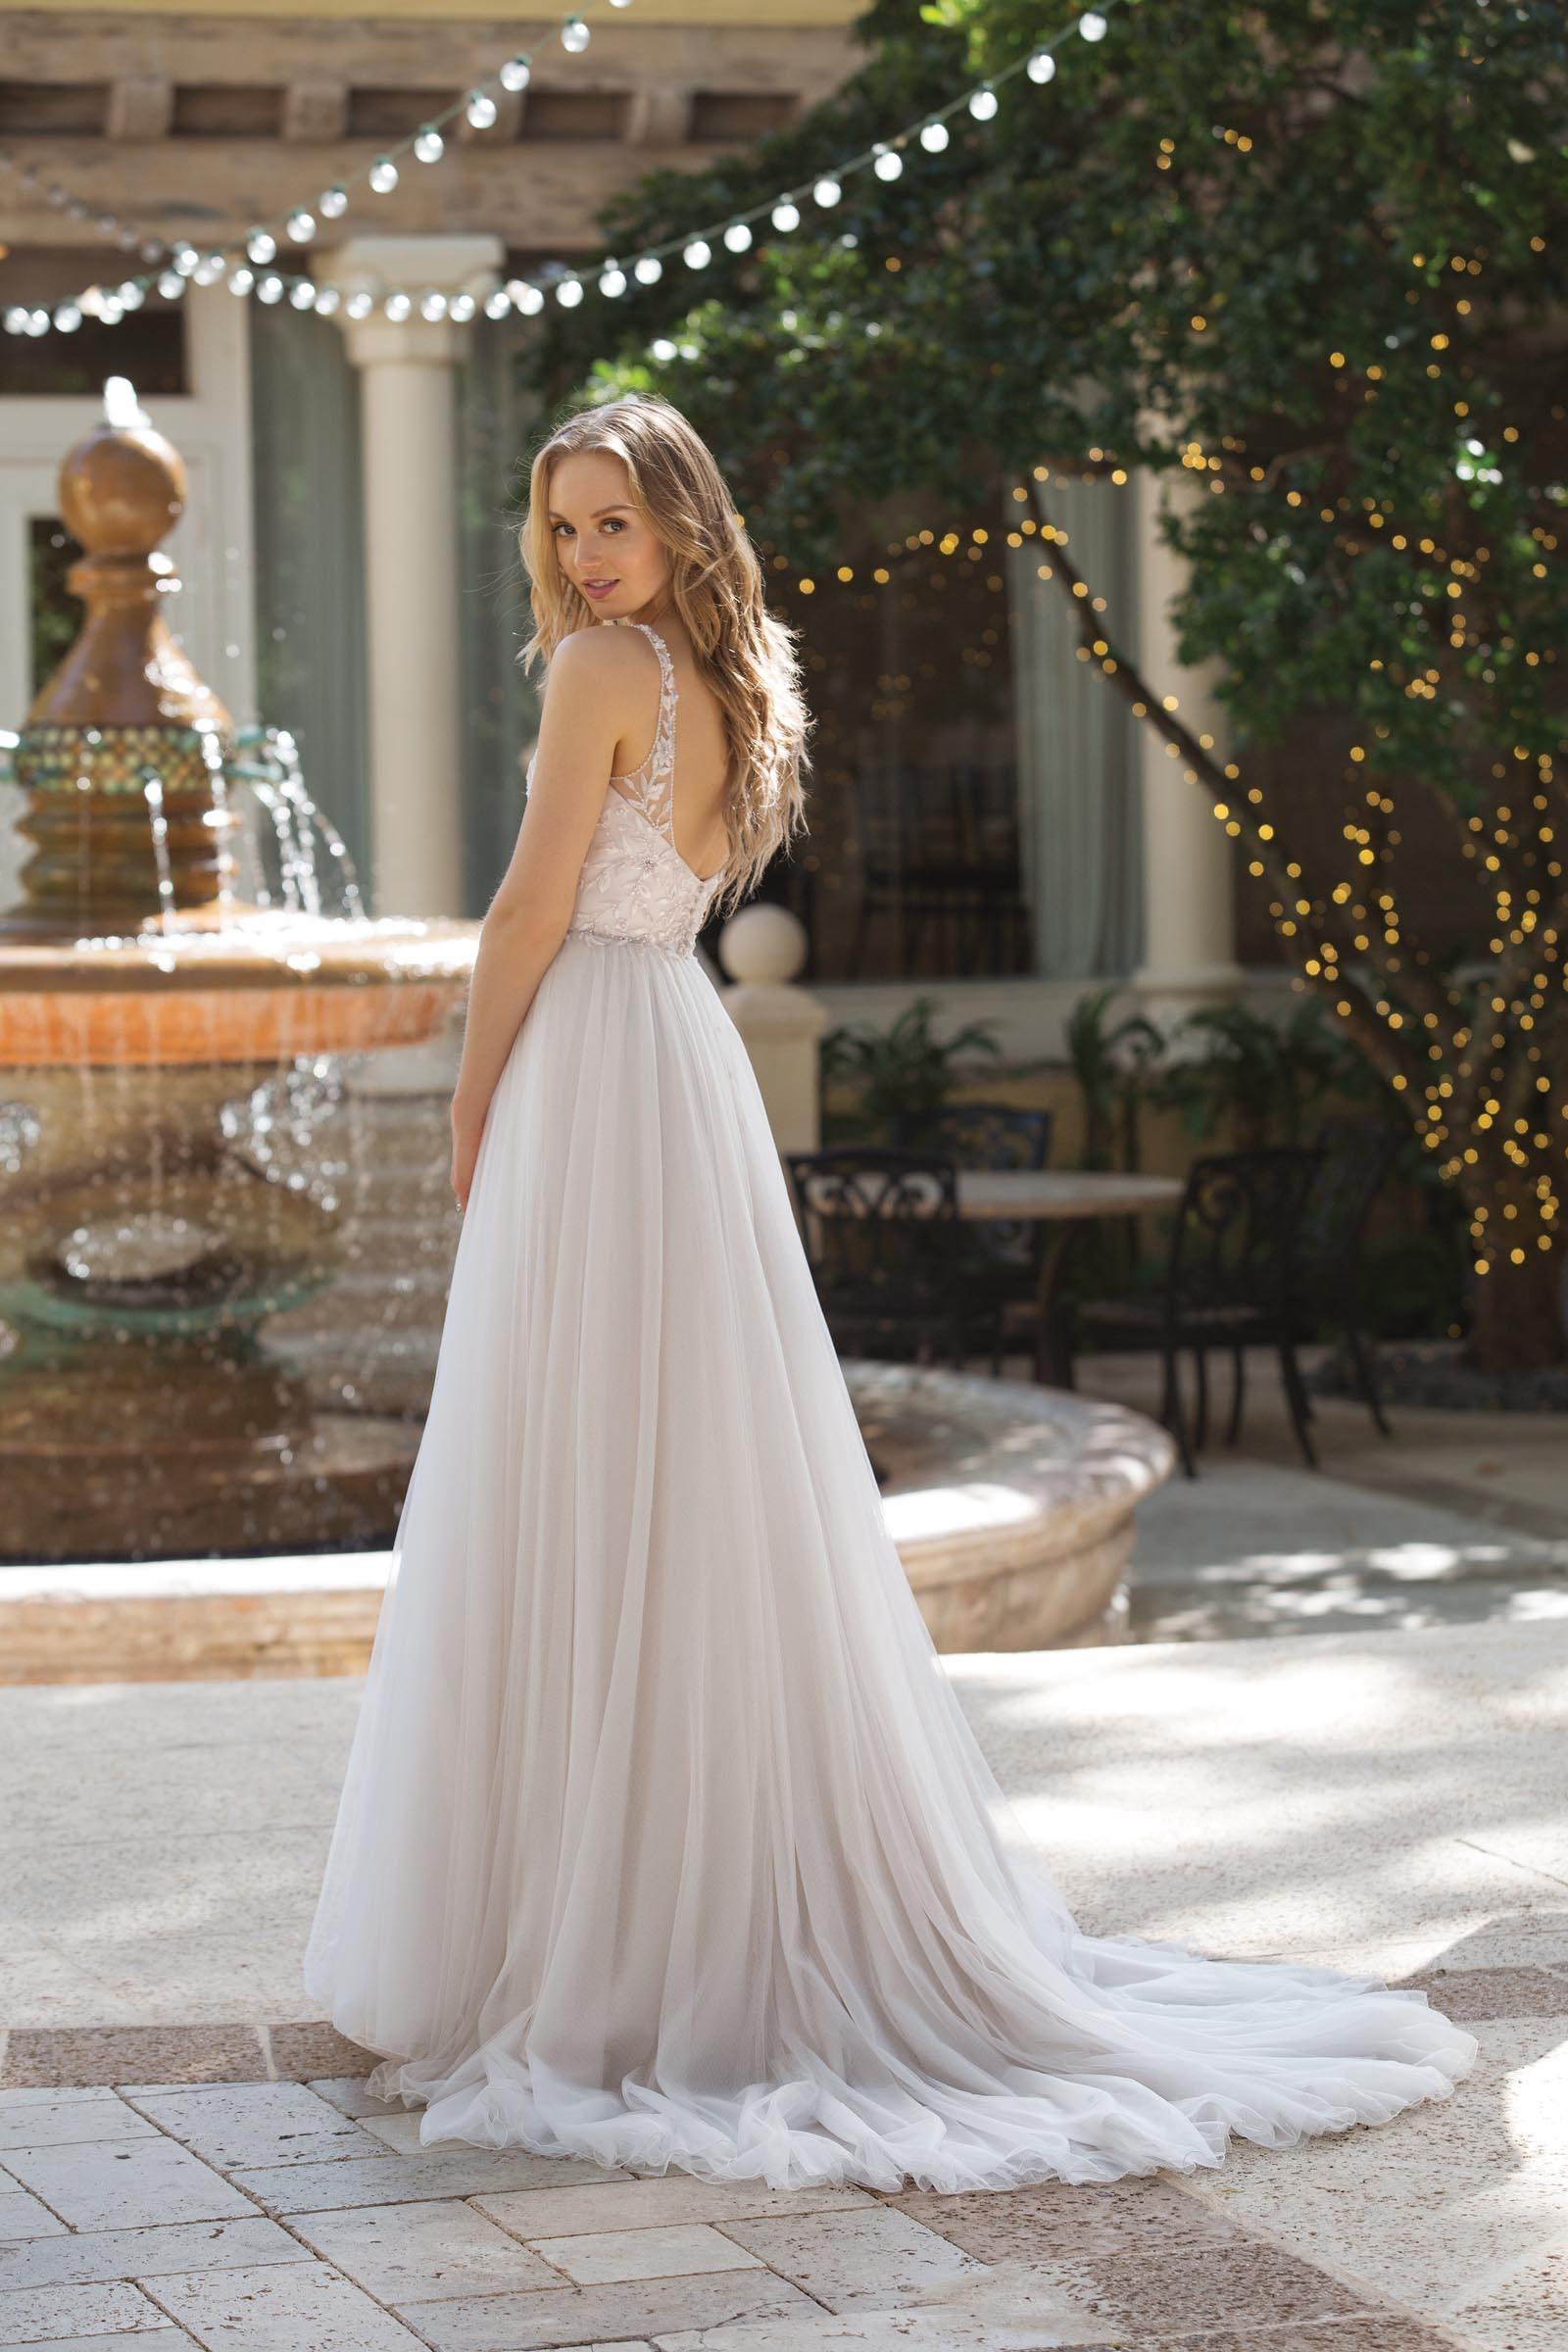 Brautkleid Mit Strass V Ausschnitt Und Tullrock Von Sincerity